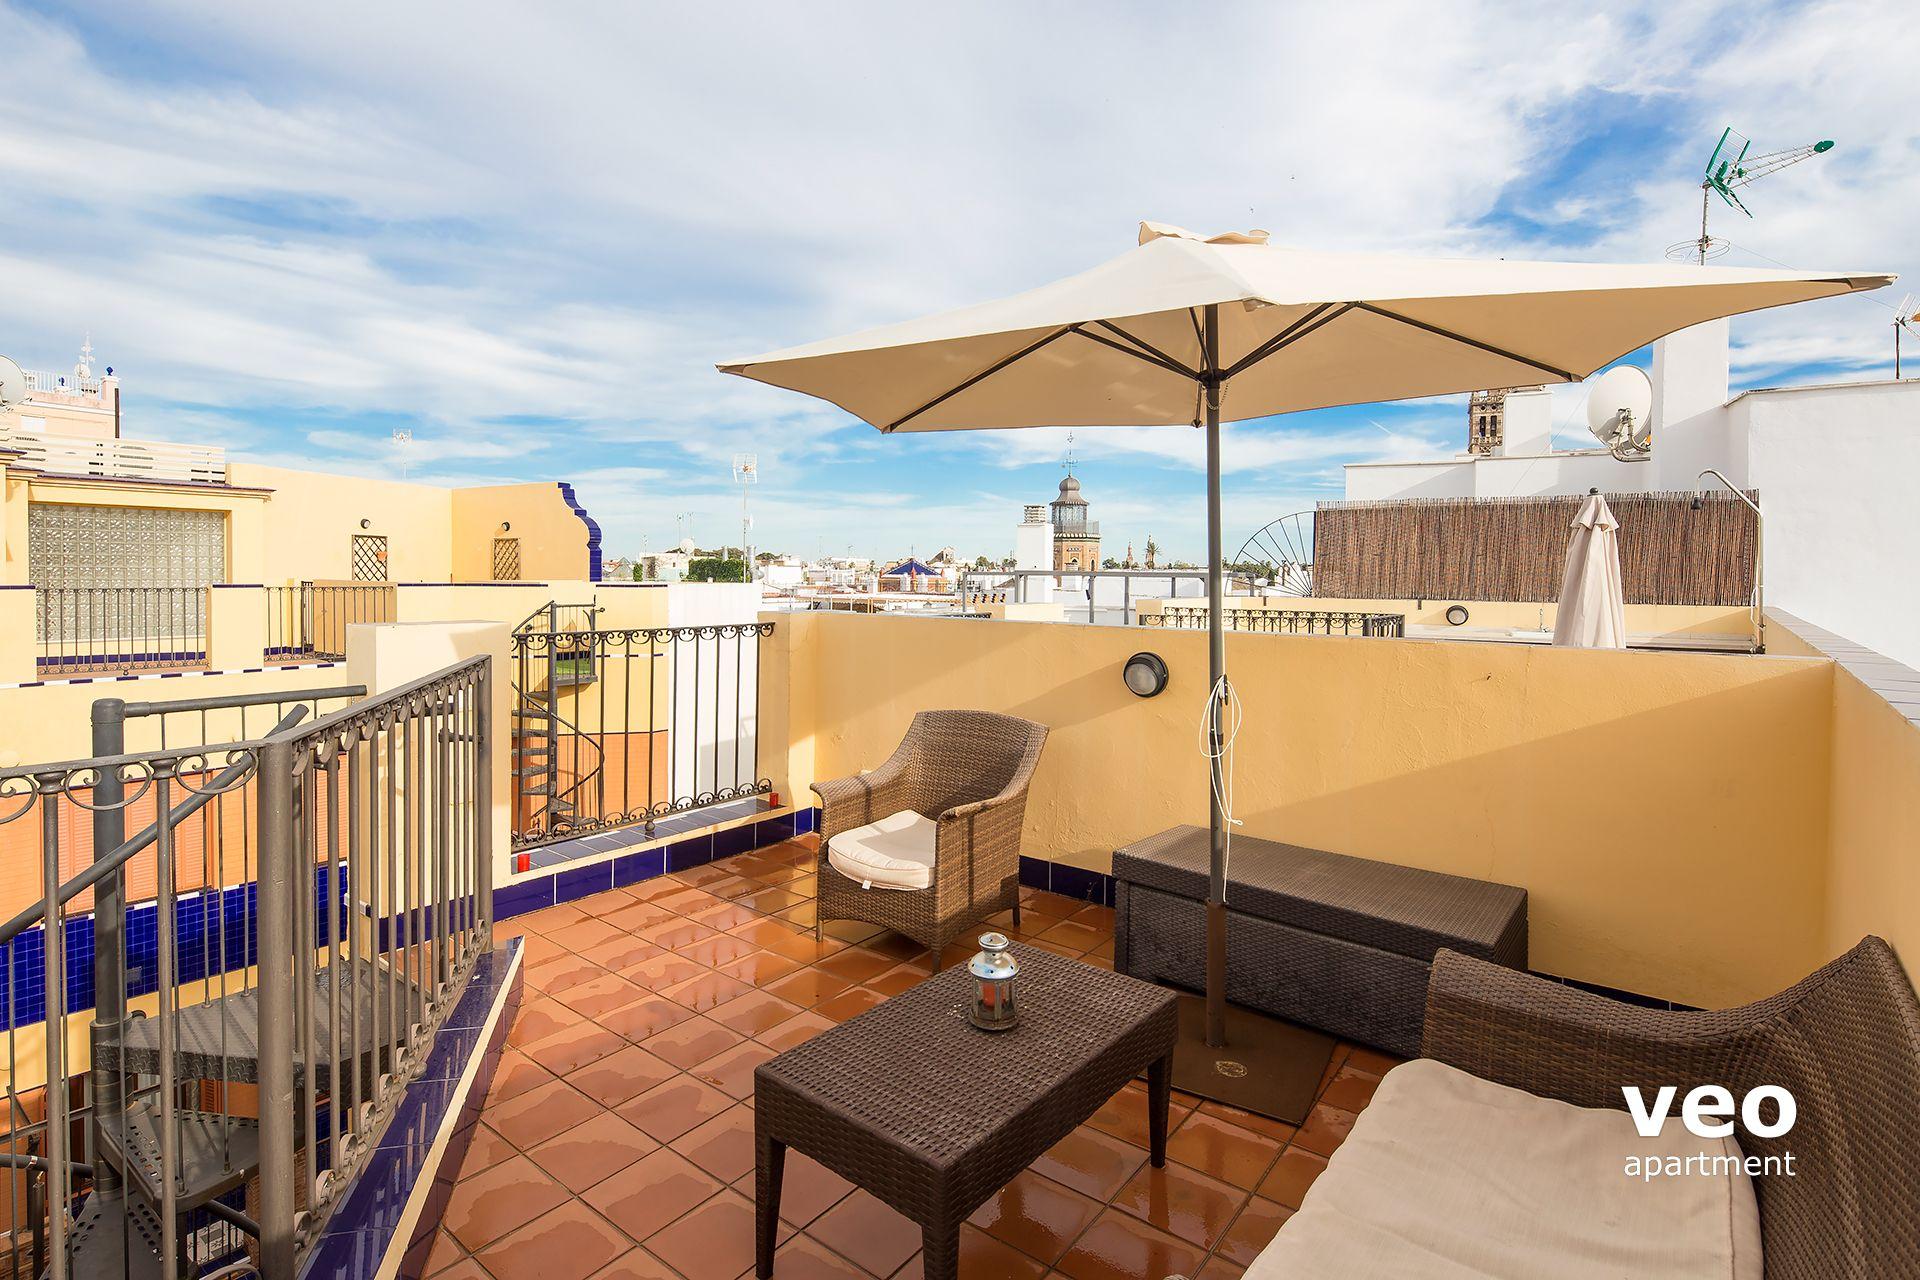 Appartement Rue Pajaritos Seville Espagne Pajaritos 2 Terrasse